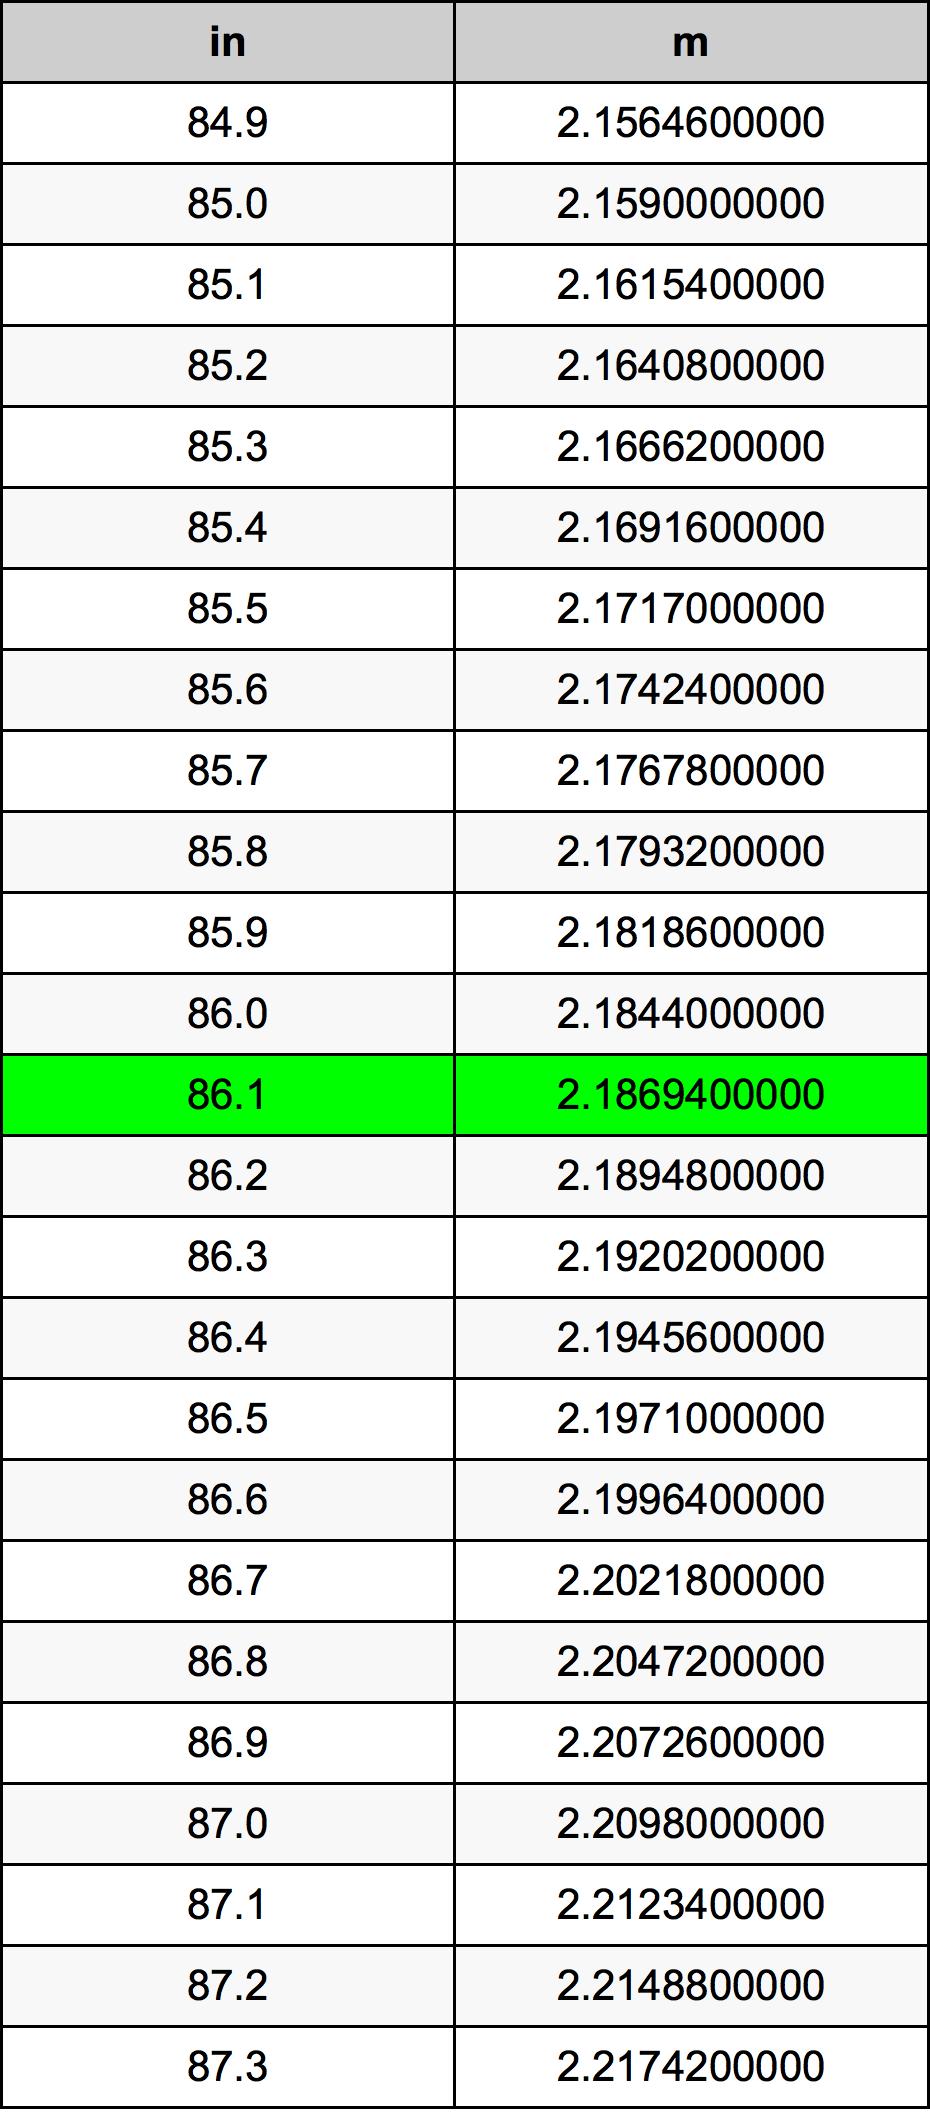 86.1 بوصة جدول تحويل